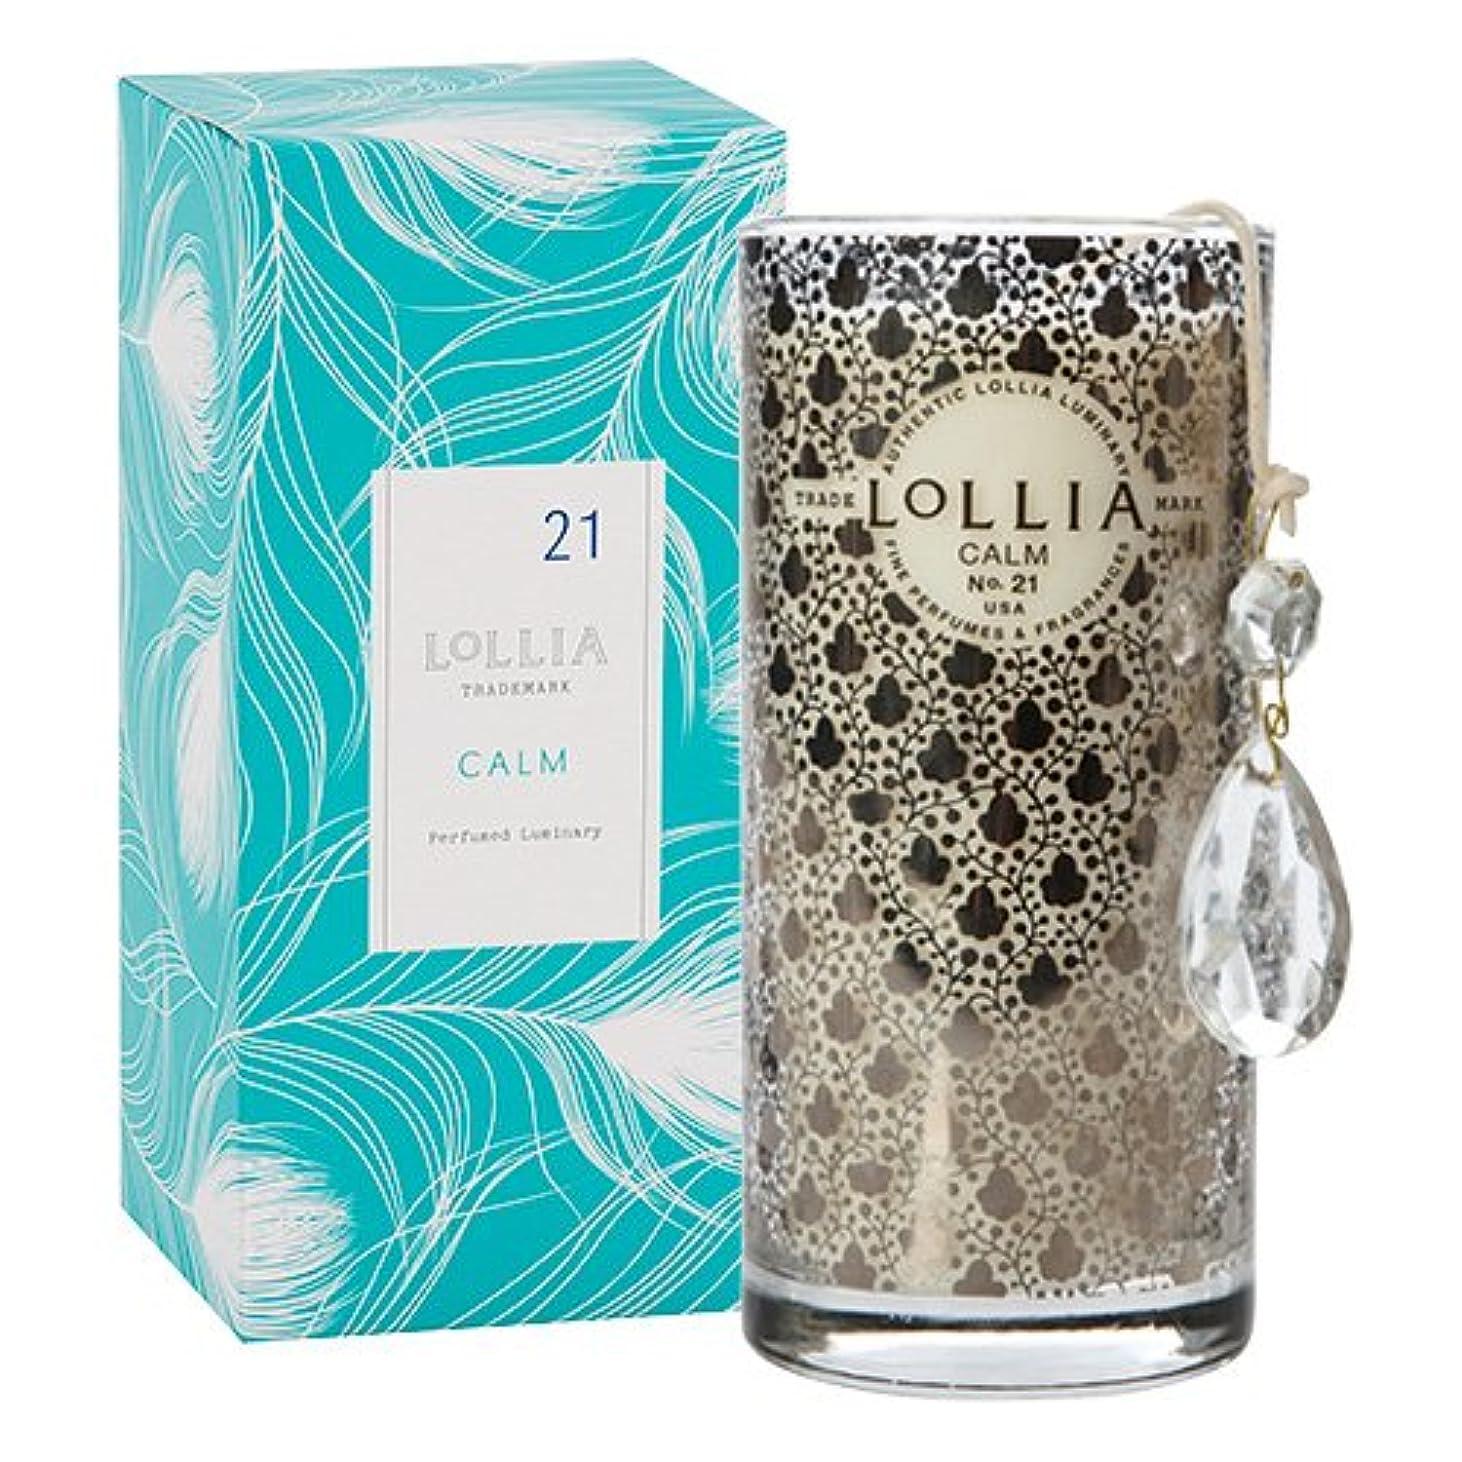 ジョージエリオットの中で賢いロリア(LoLLIA) プティパフュームドルミナリー290g Calm(チャーム付キャンドル アイリス、シトラス、ヒヤシンスのクリーン&フレッシュな香り)